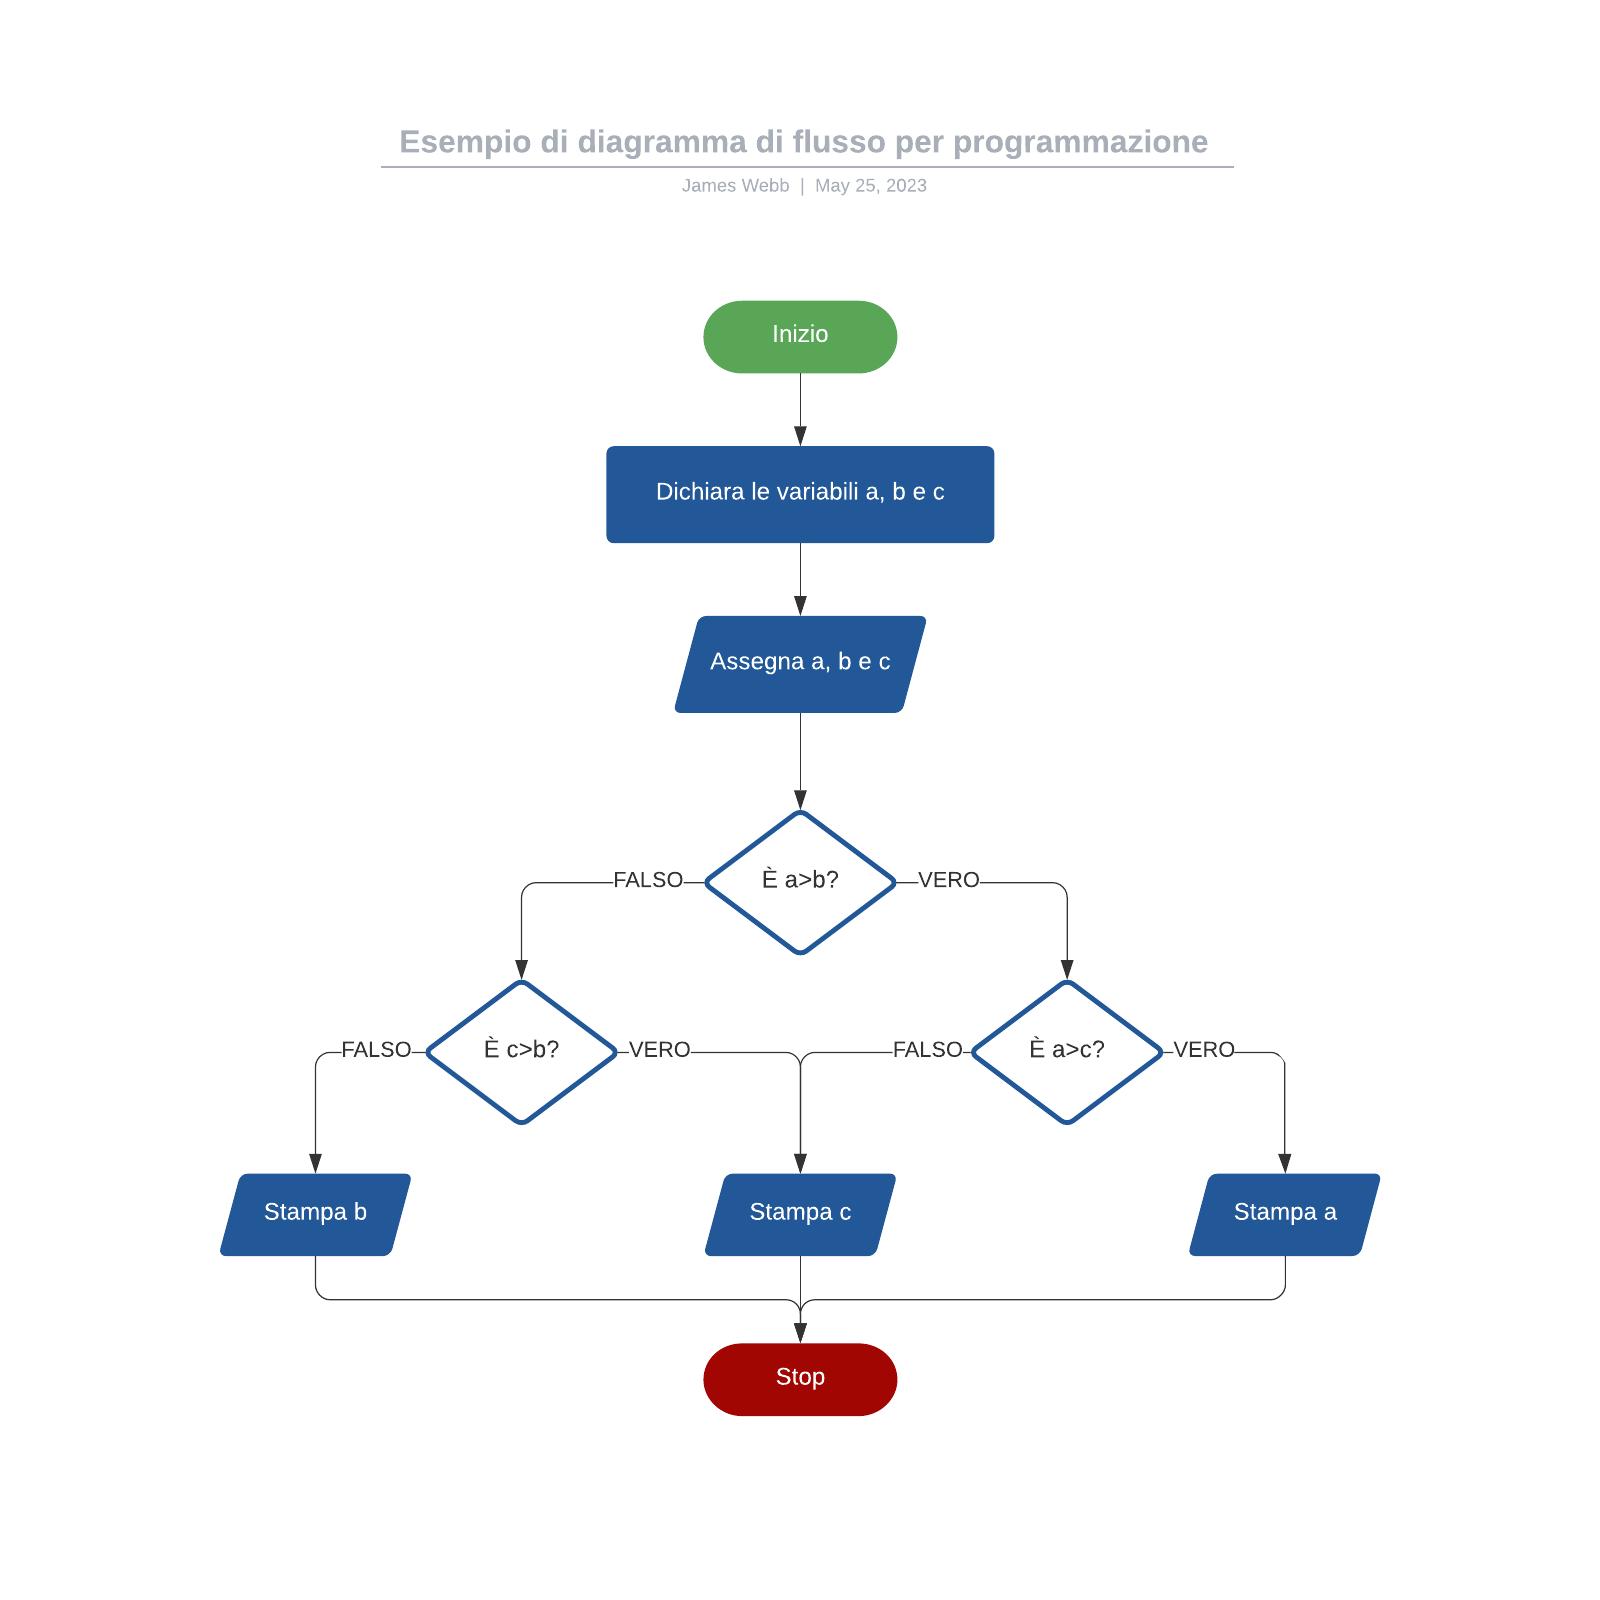 Esempio di diagramma di flusso per programmazione